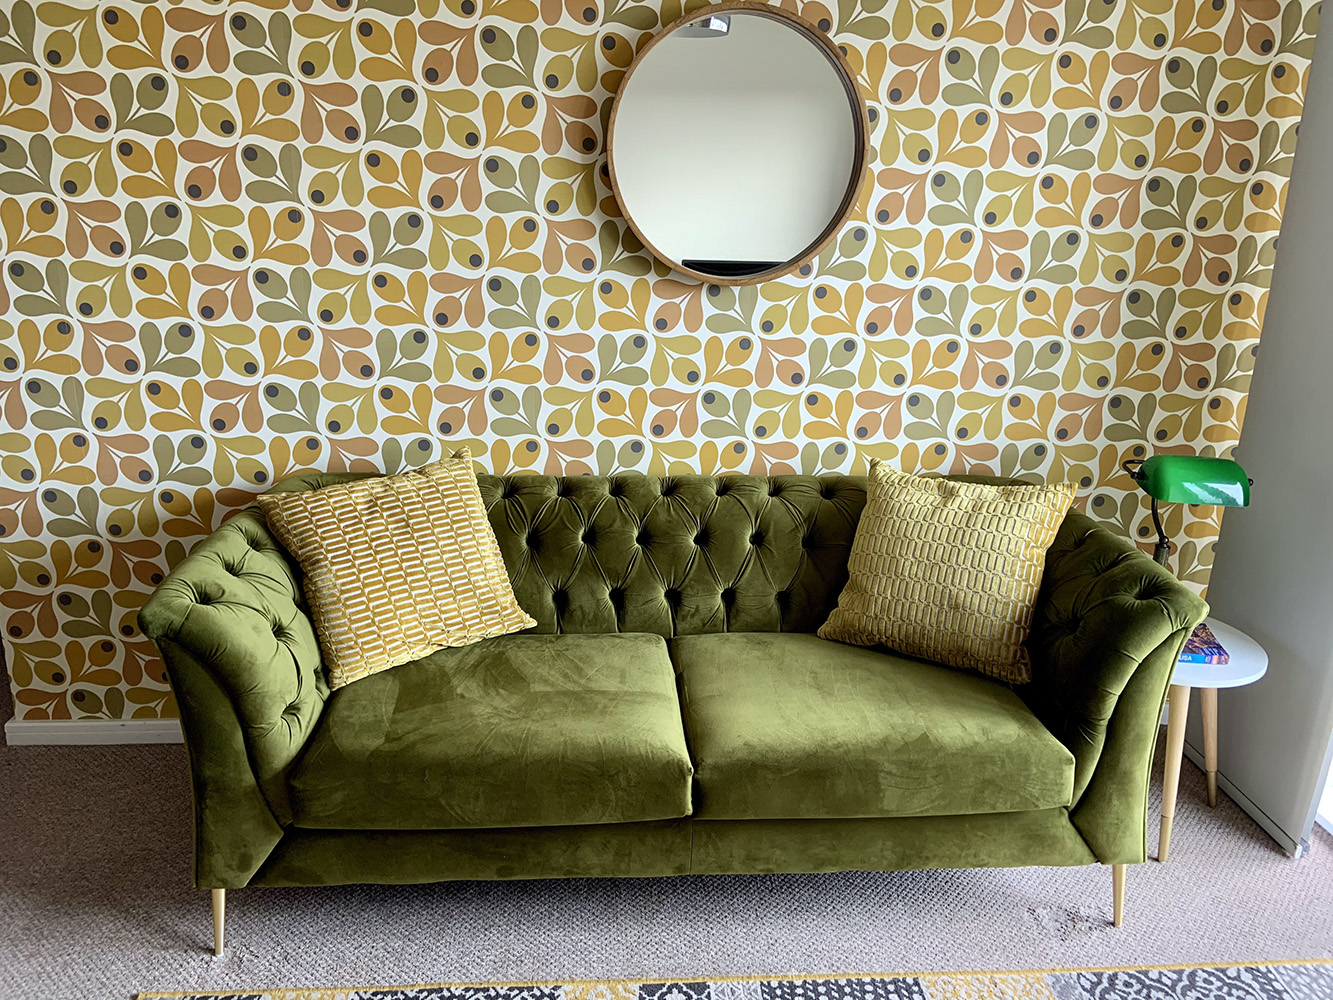 Grünes Chesterfield Modern Sofa von Colin